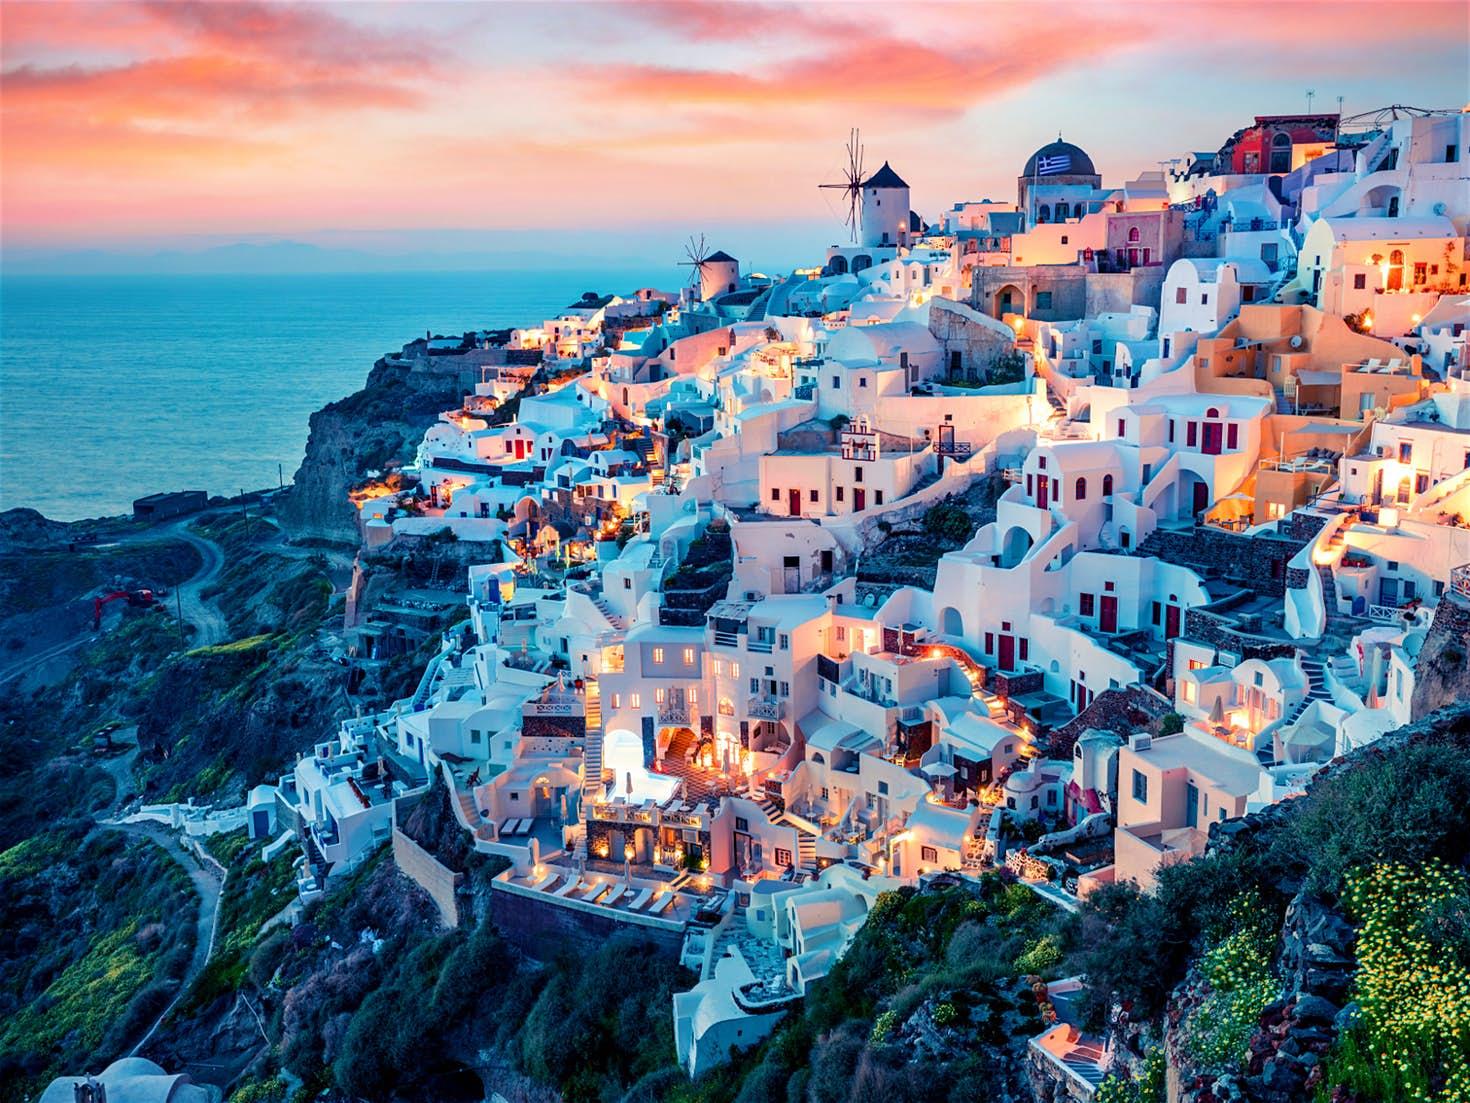 GRECIA (Santorini): mare estate 2019 - B&G Agenzia di Viaggi ...